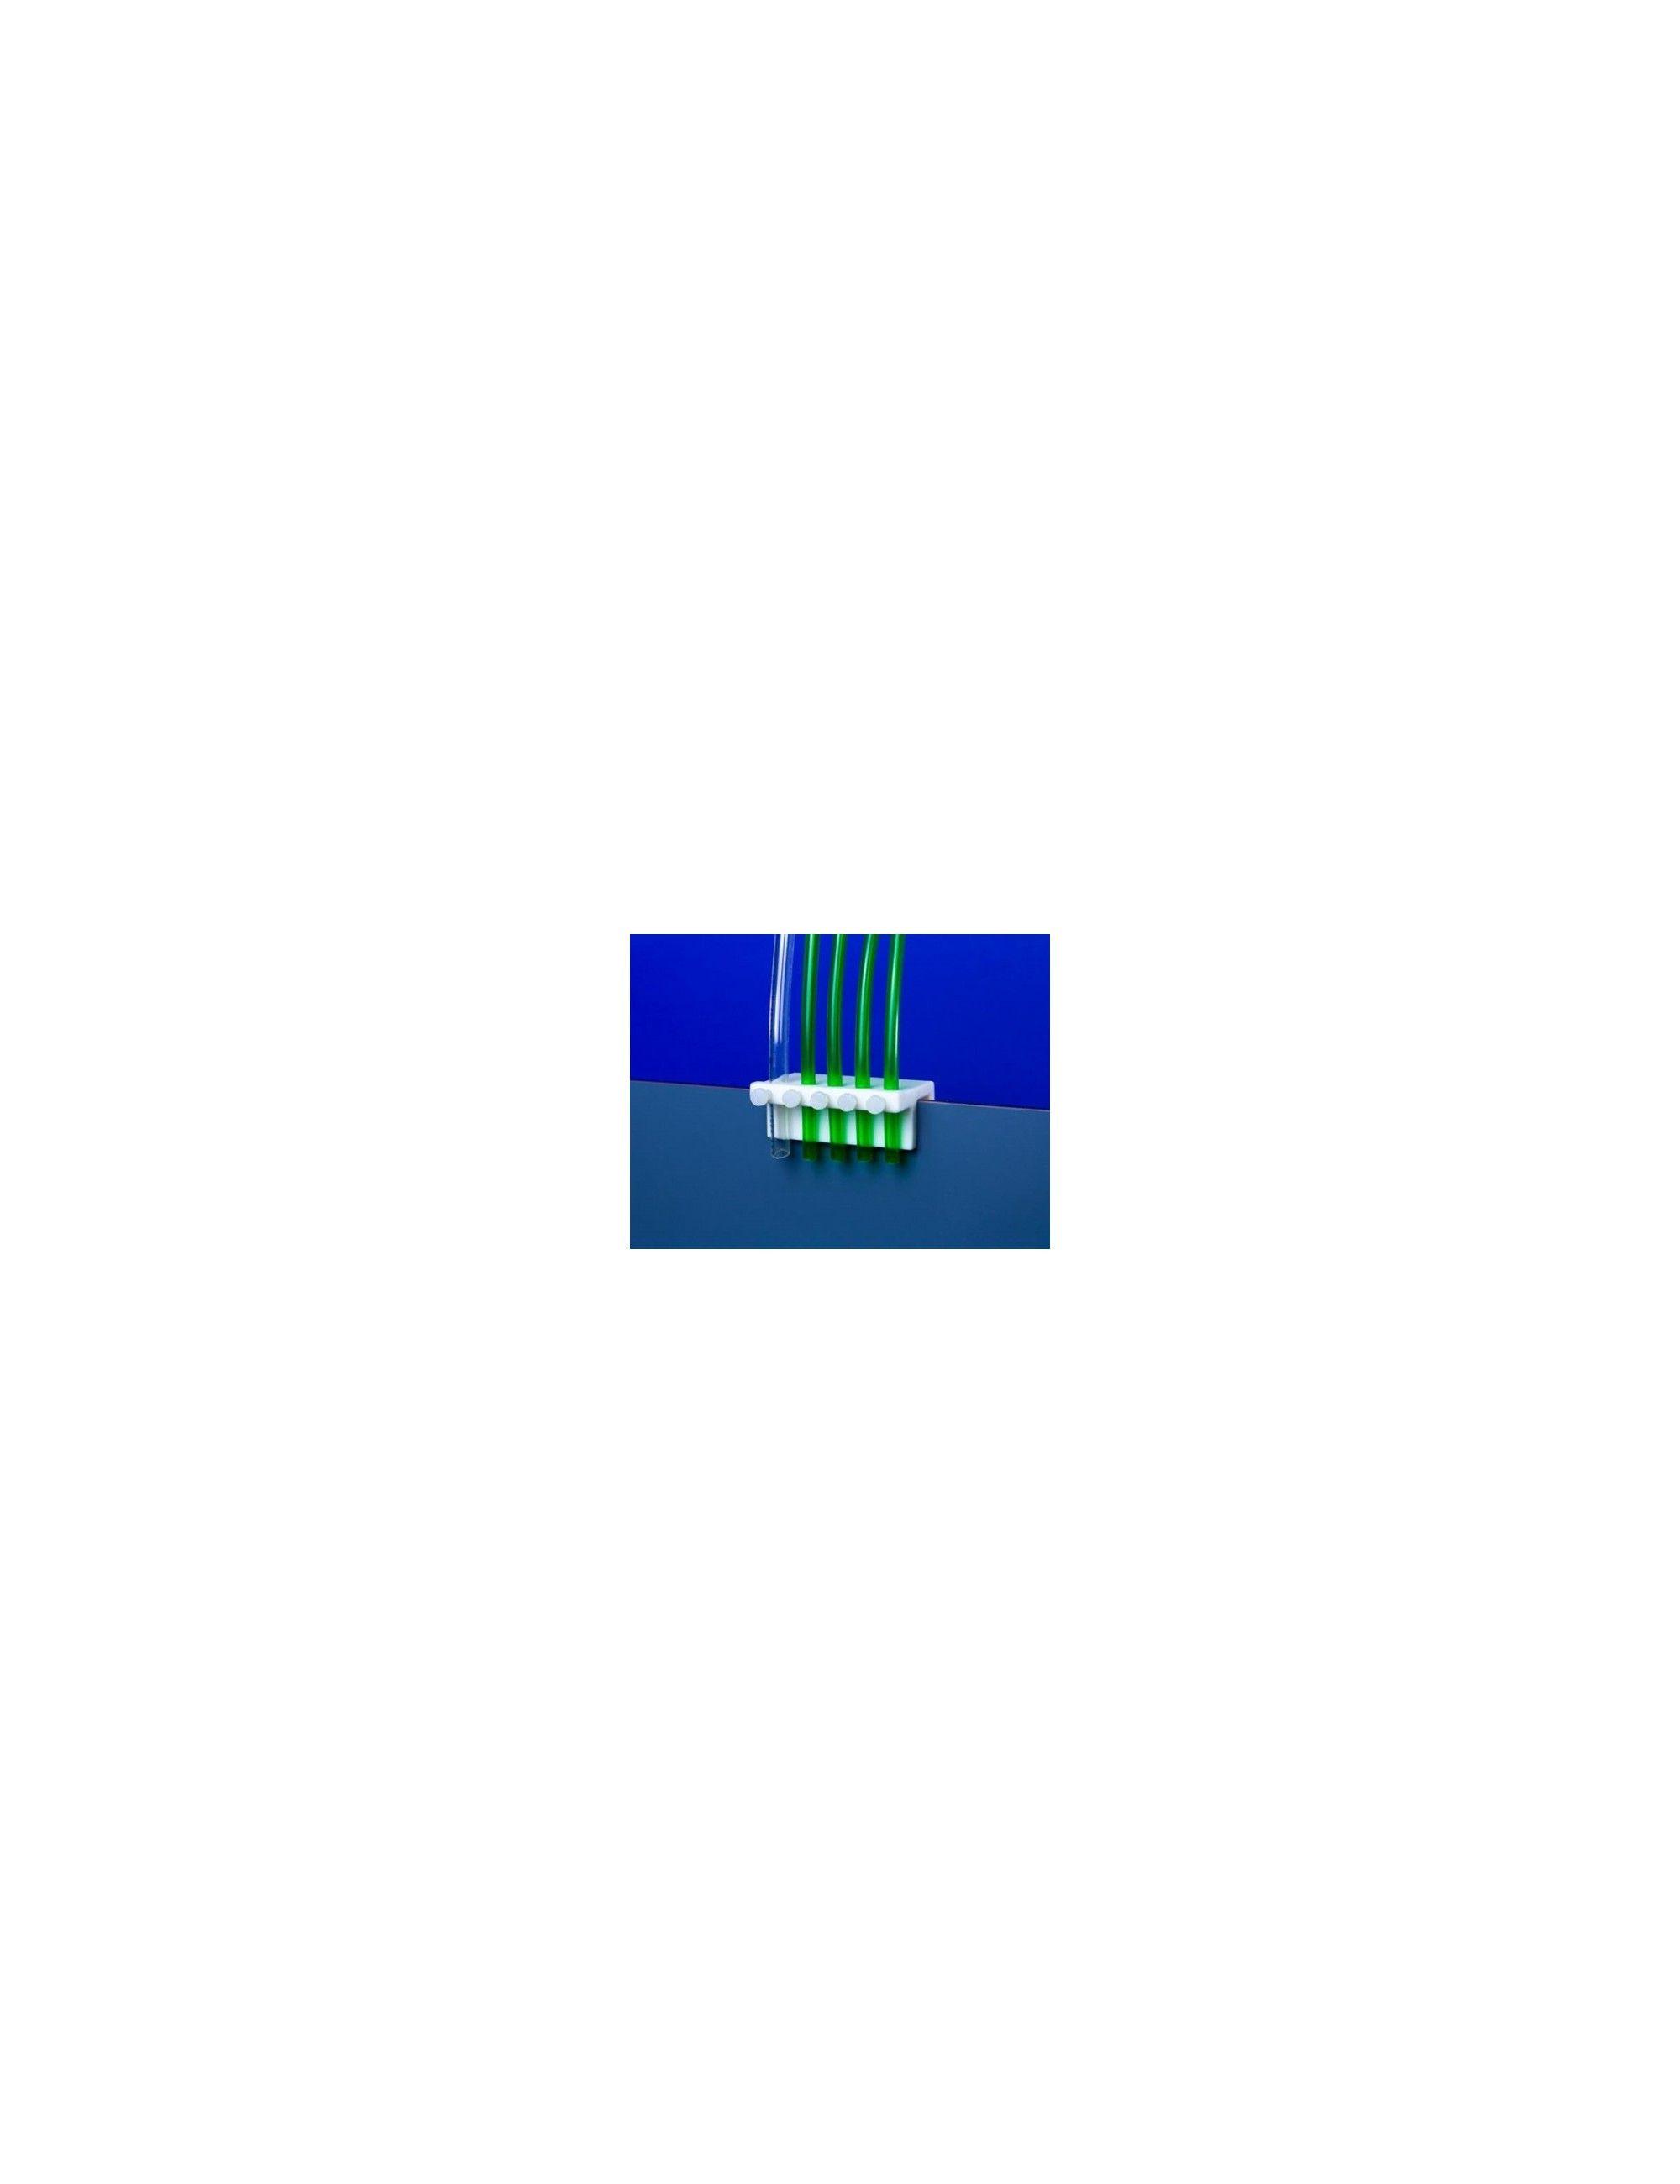 AQUACONNECT - Support de fixation pour 5 tuyaux de pompes doseuses